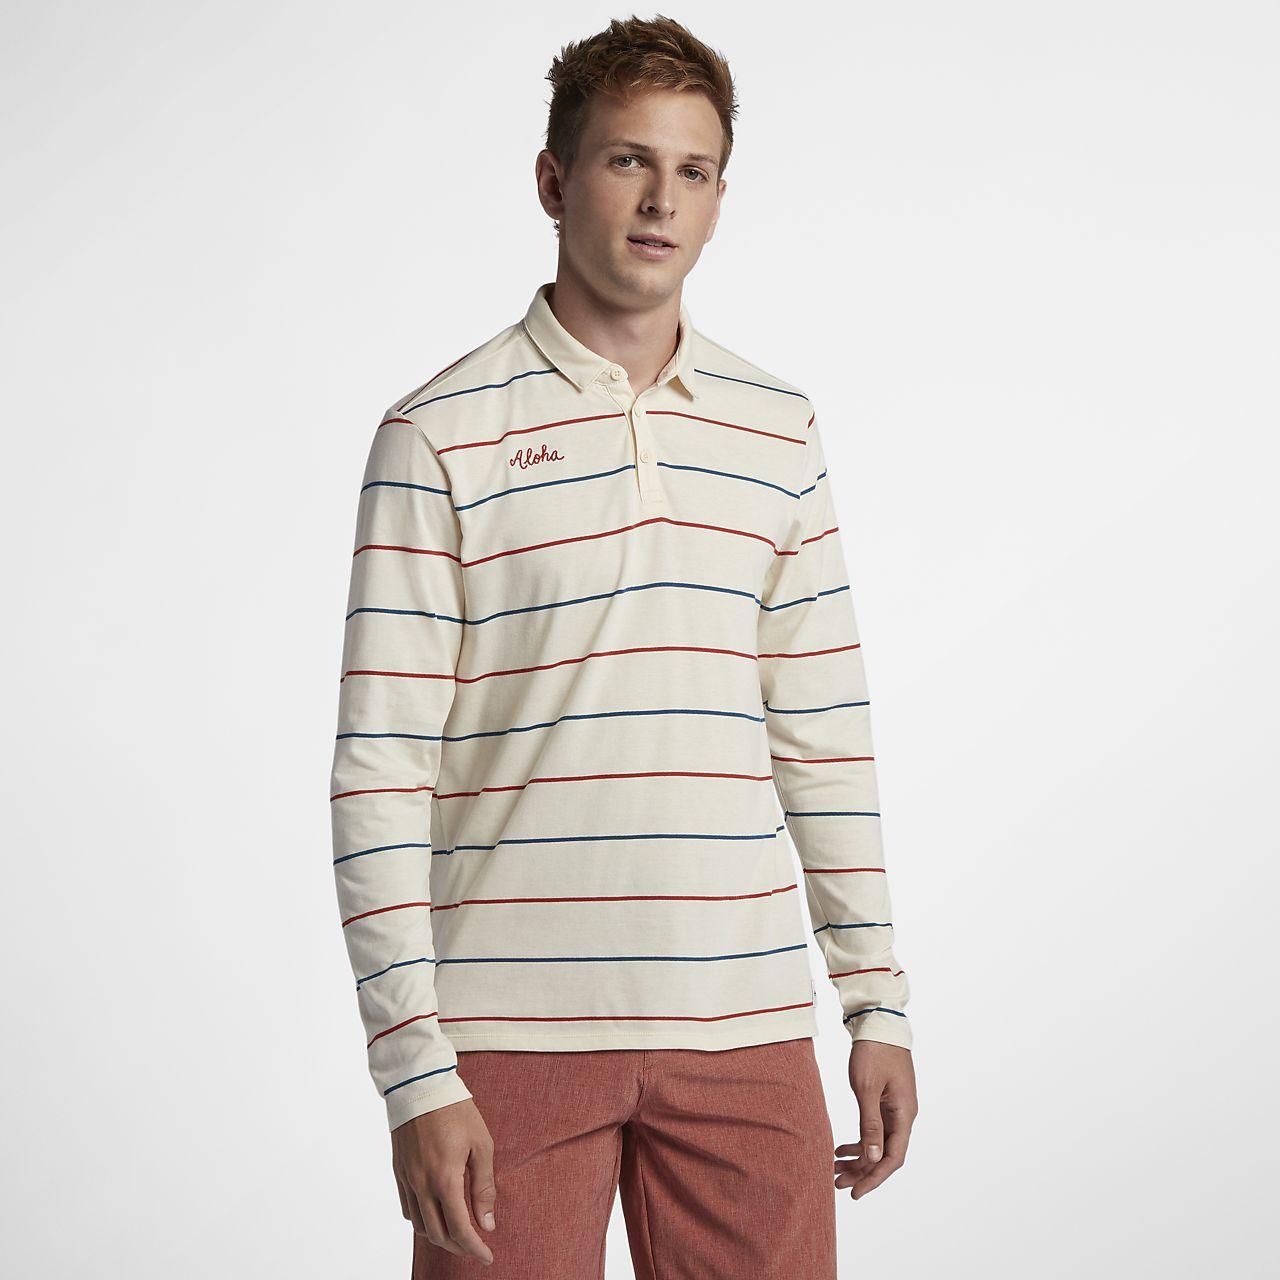 Ανδρική μακρυμάνικη μπλούζα Hurley Channels Polo